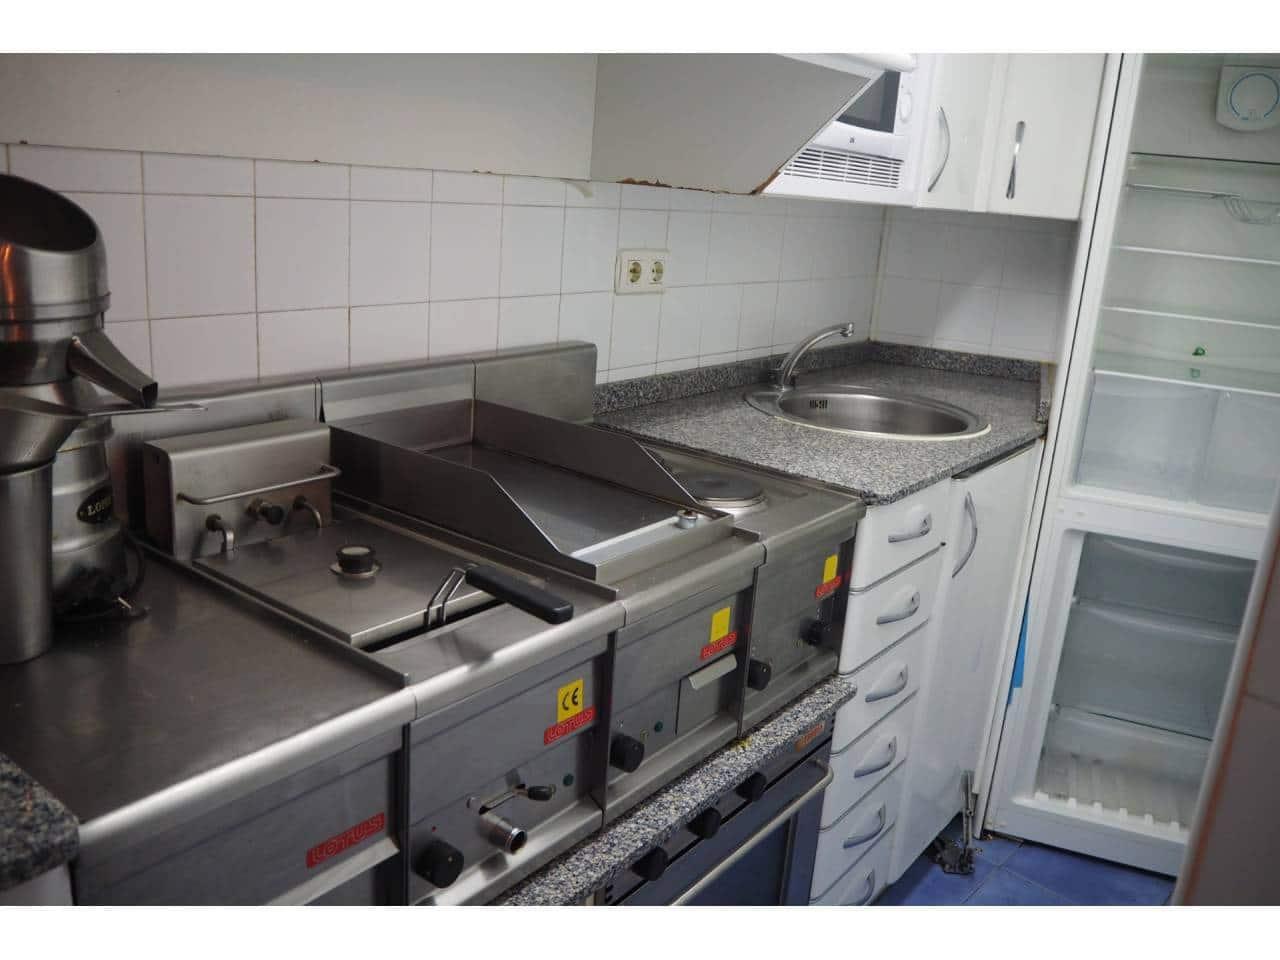 Local Commercial à vendre à Bilbao - 140 000 € (Ref: 4697567)